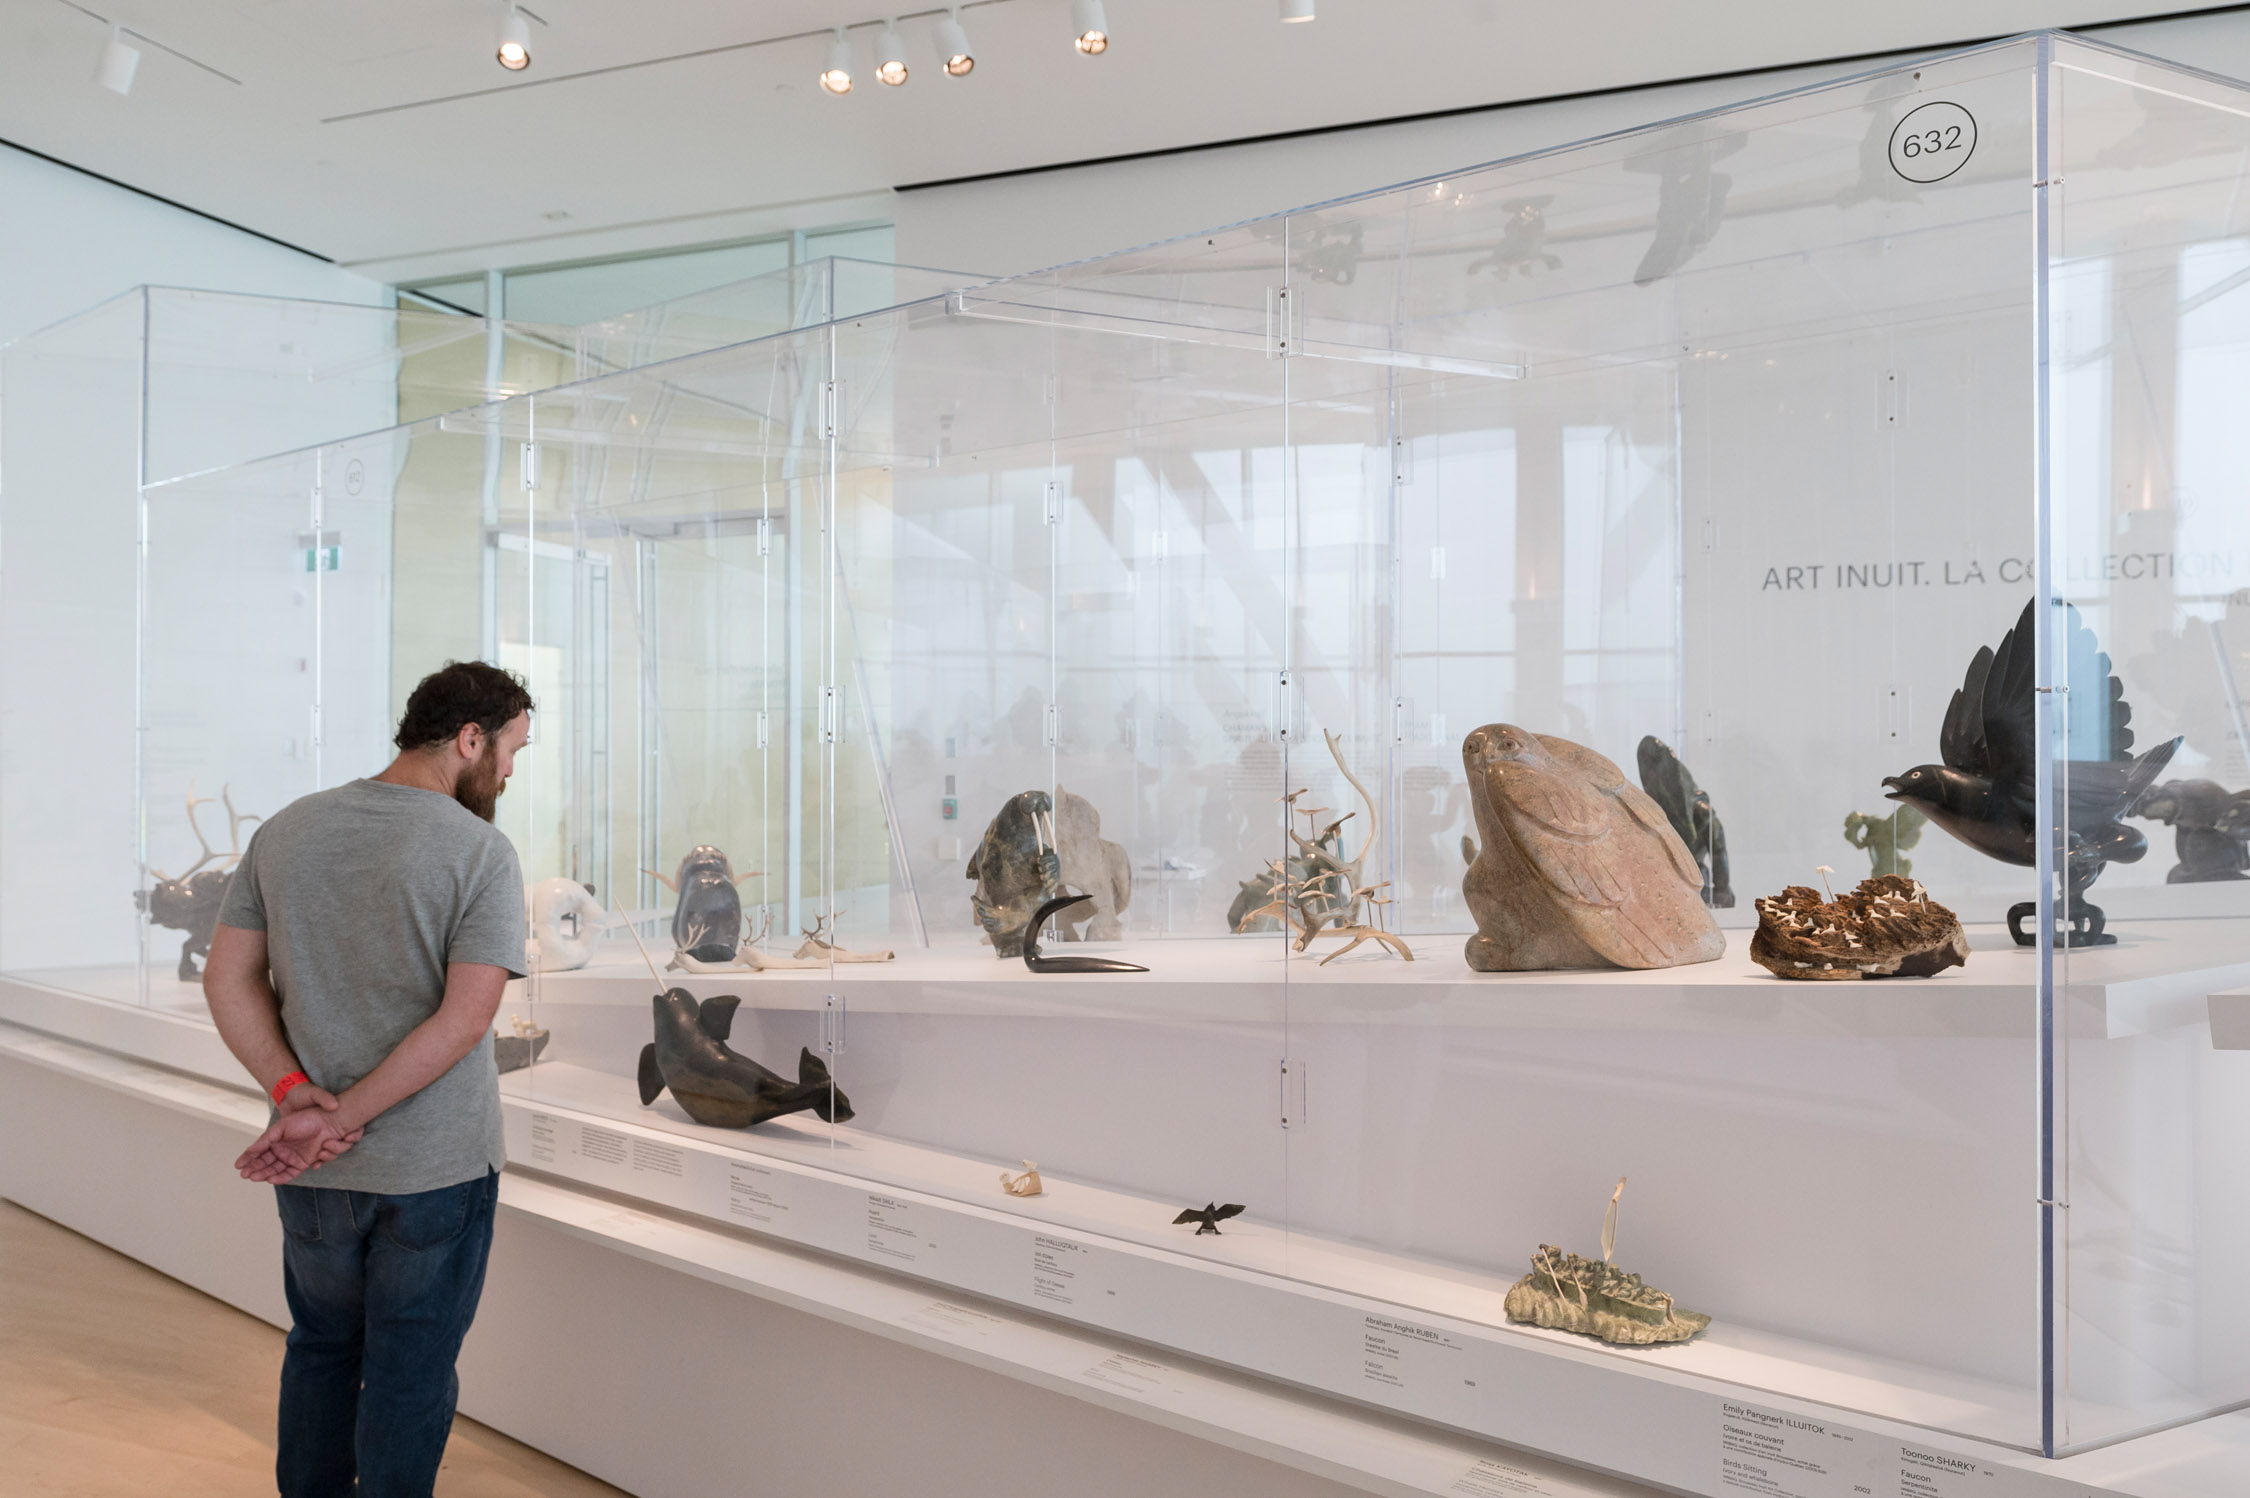 Le premier dimanche de chaque mois, je vais au musée!